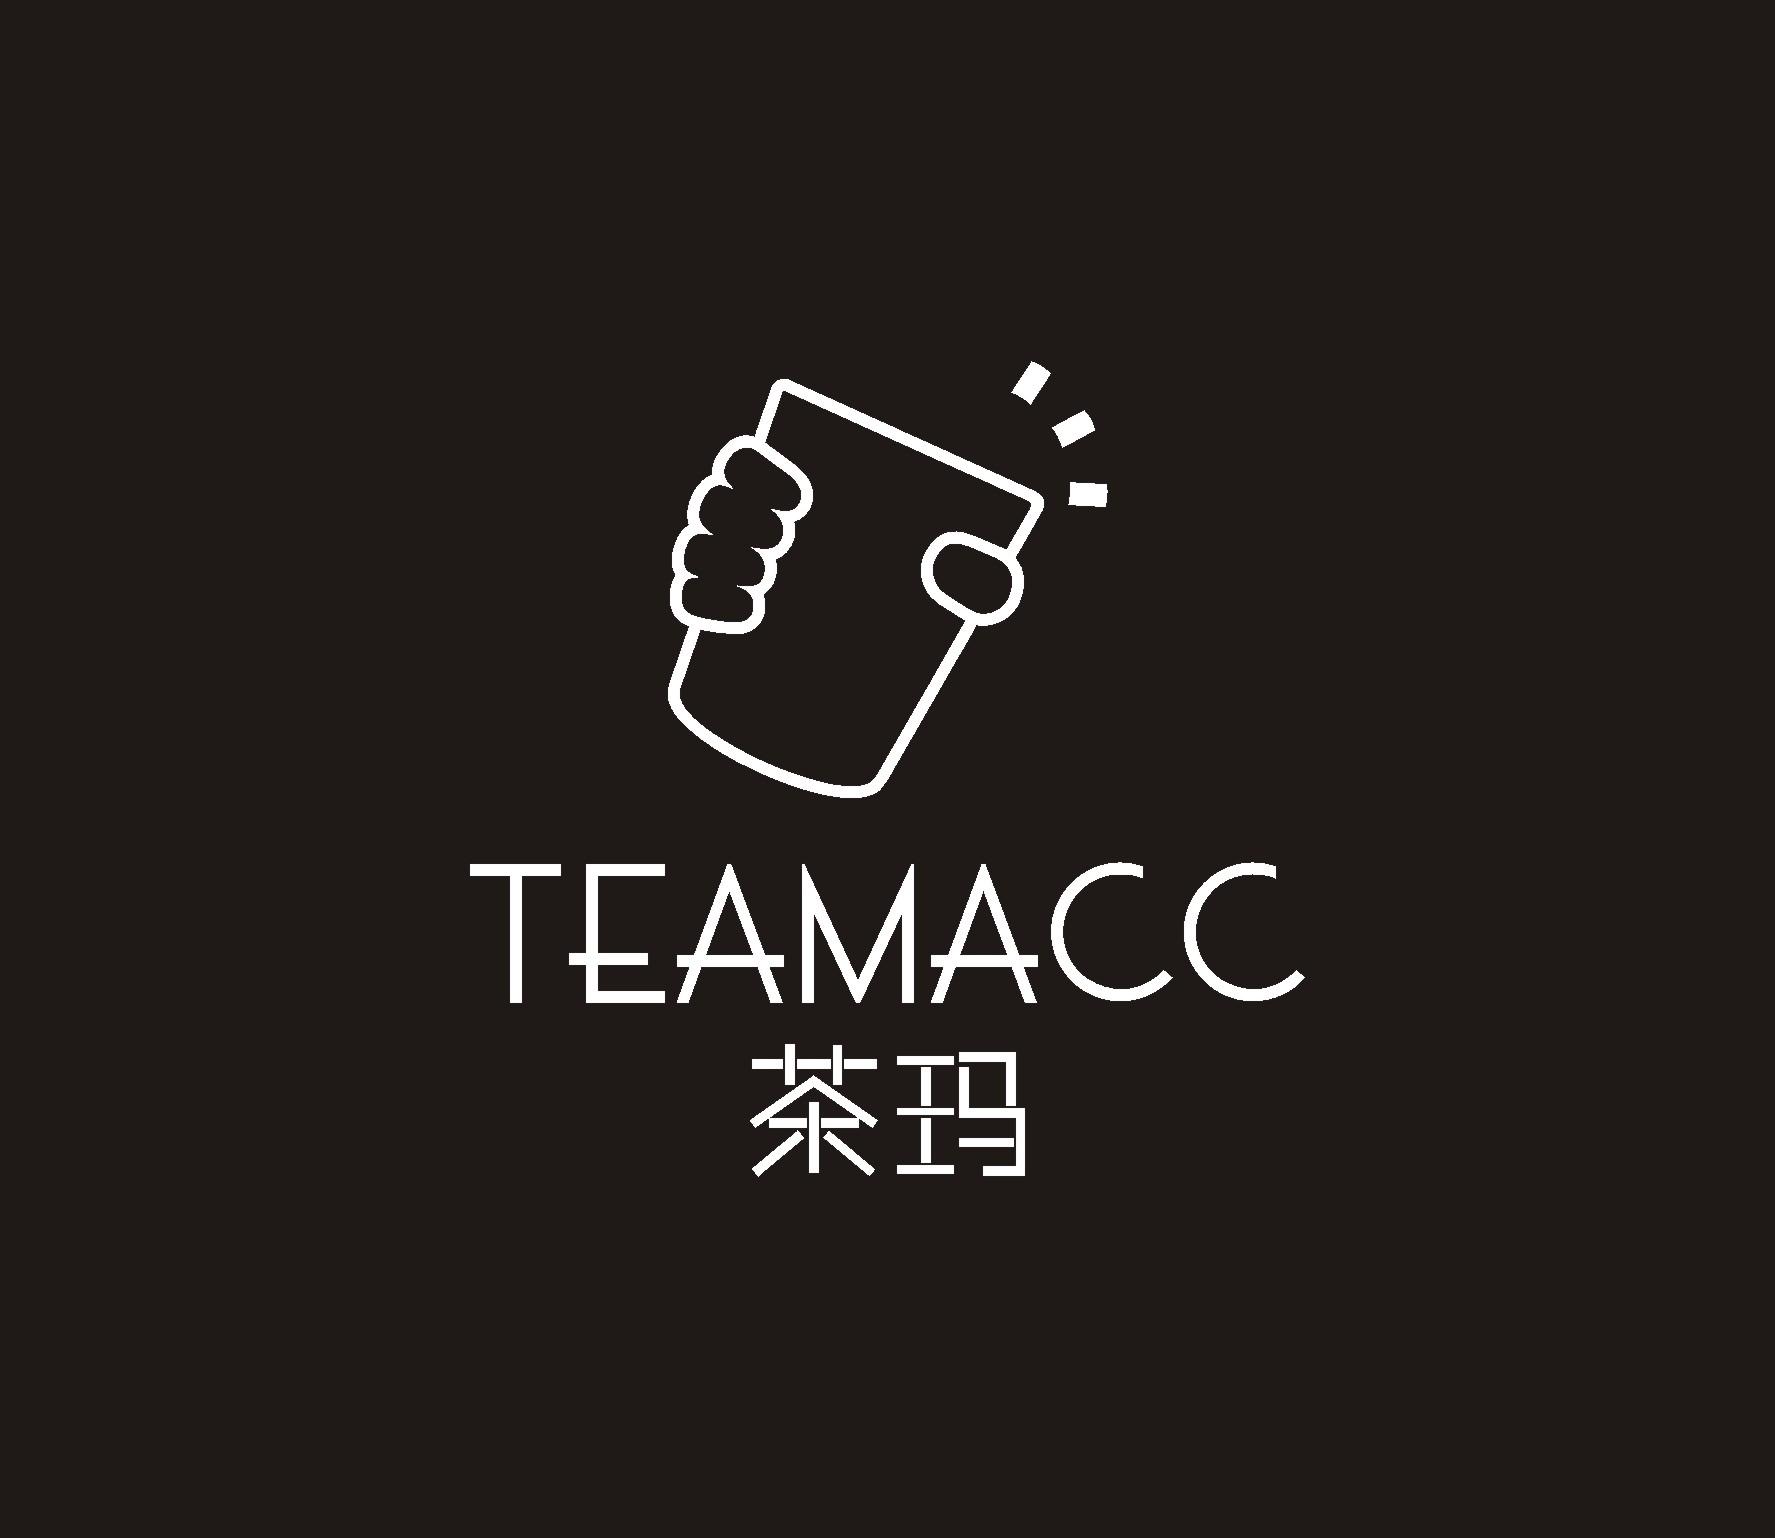 TEAMACC